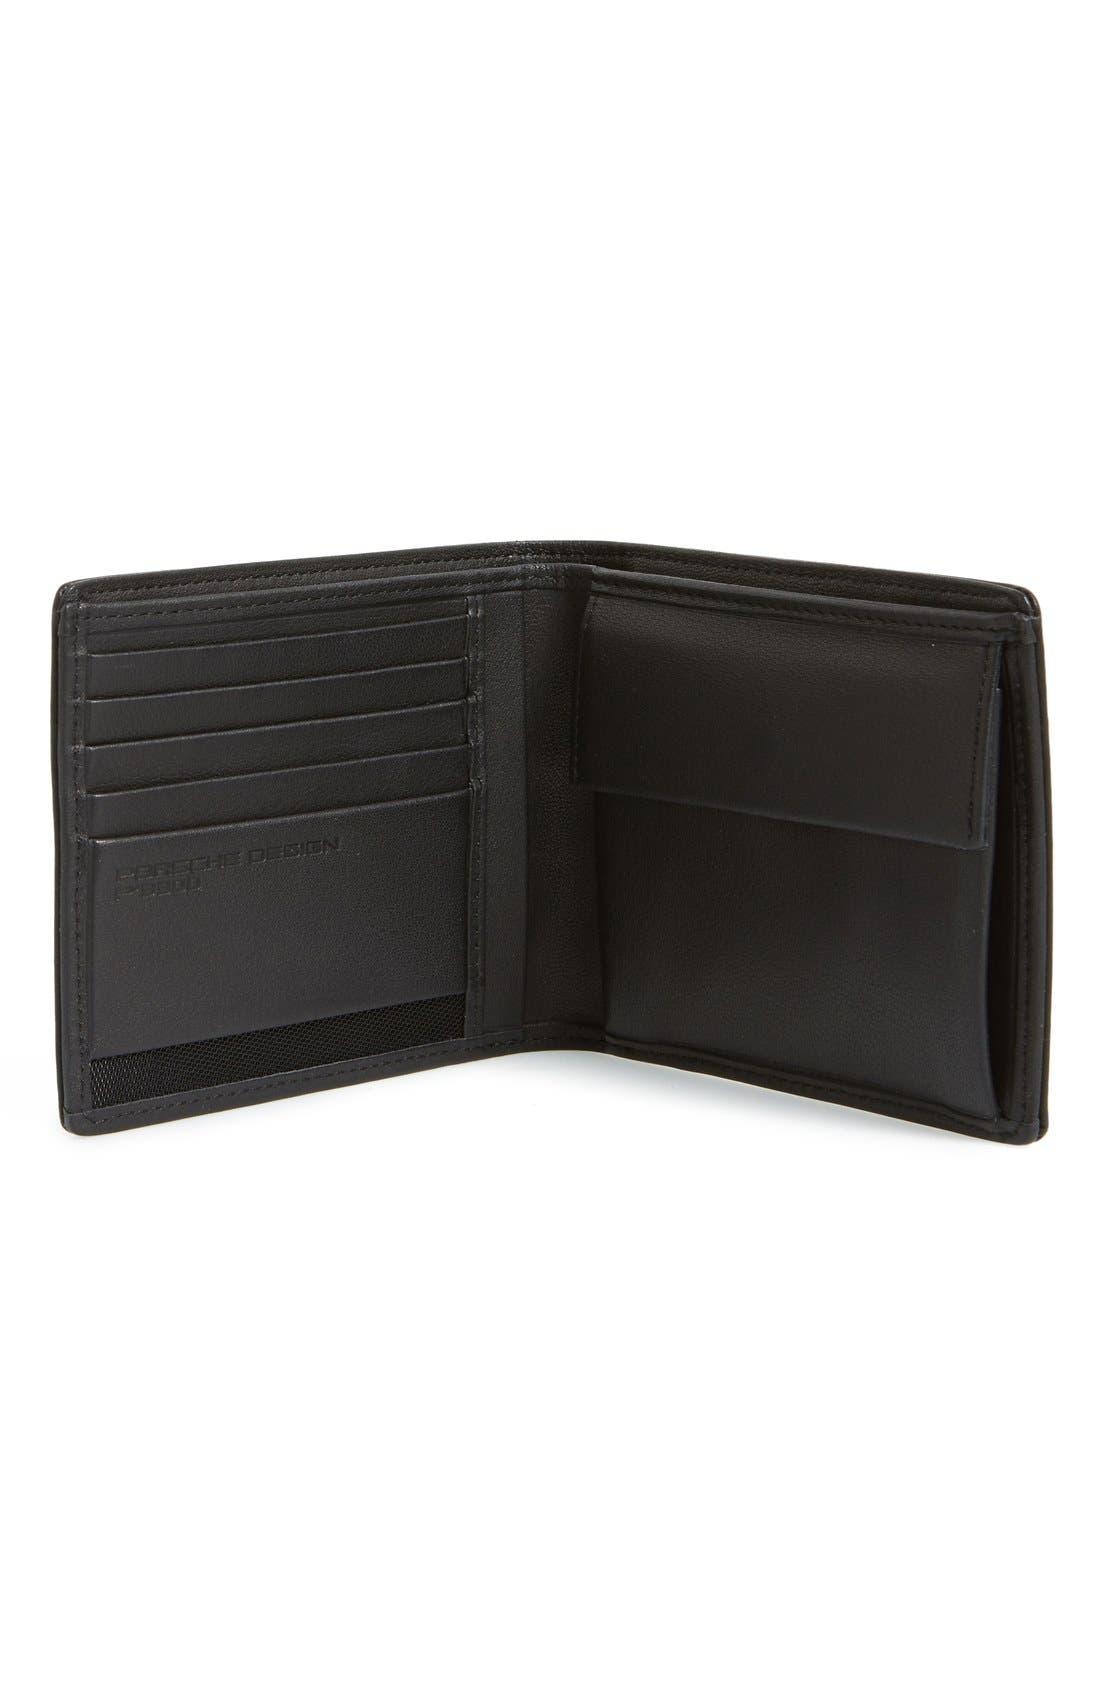 Alternate Image 2  - Porsche Design 'CL2 2.0' Leather Billfold Wallet